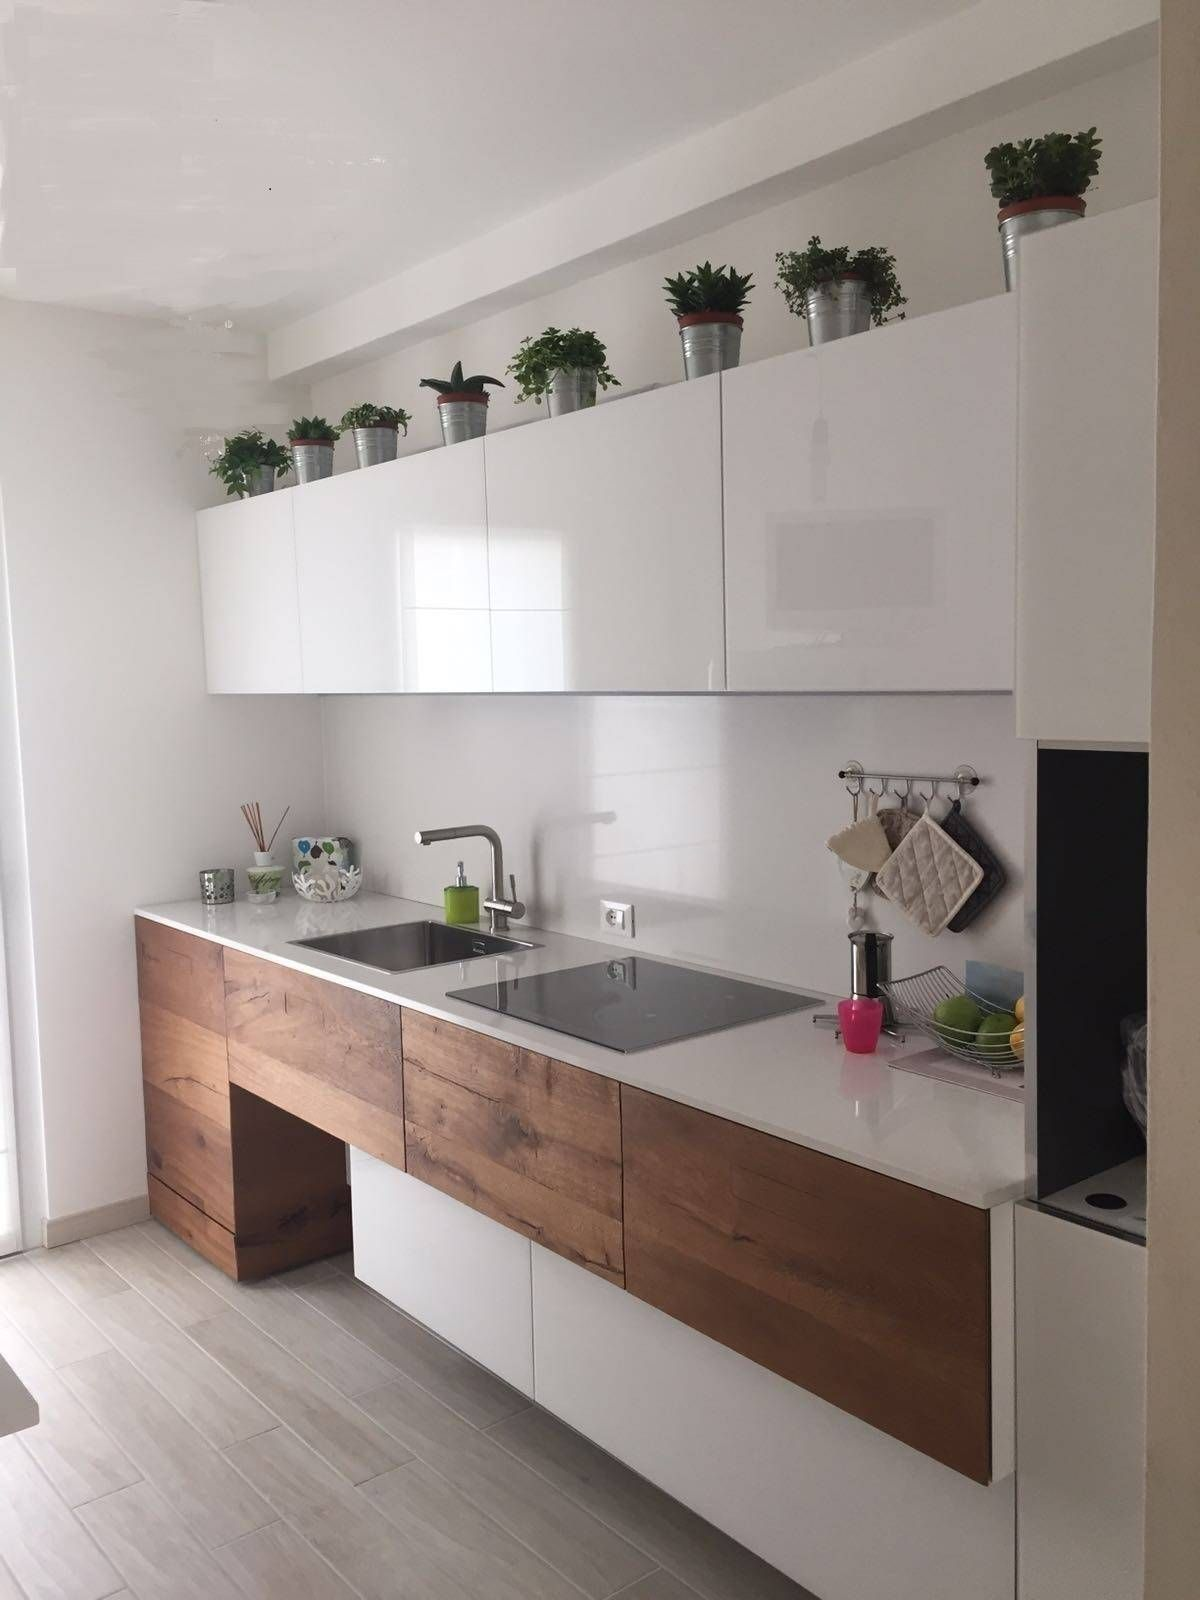 100 idee di cucine moderne con elementi in legno | Idée cuisine ...